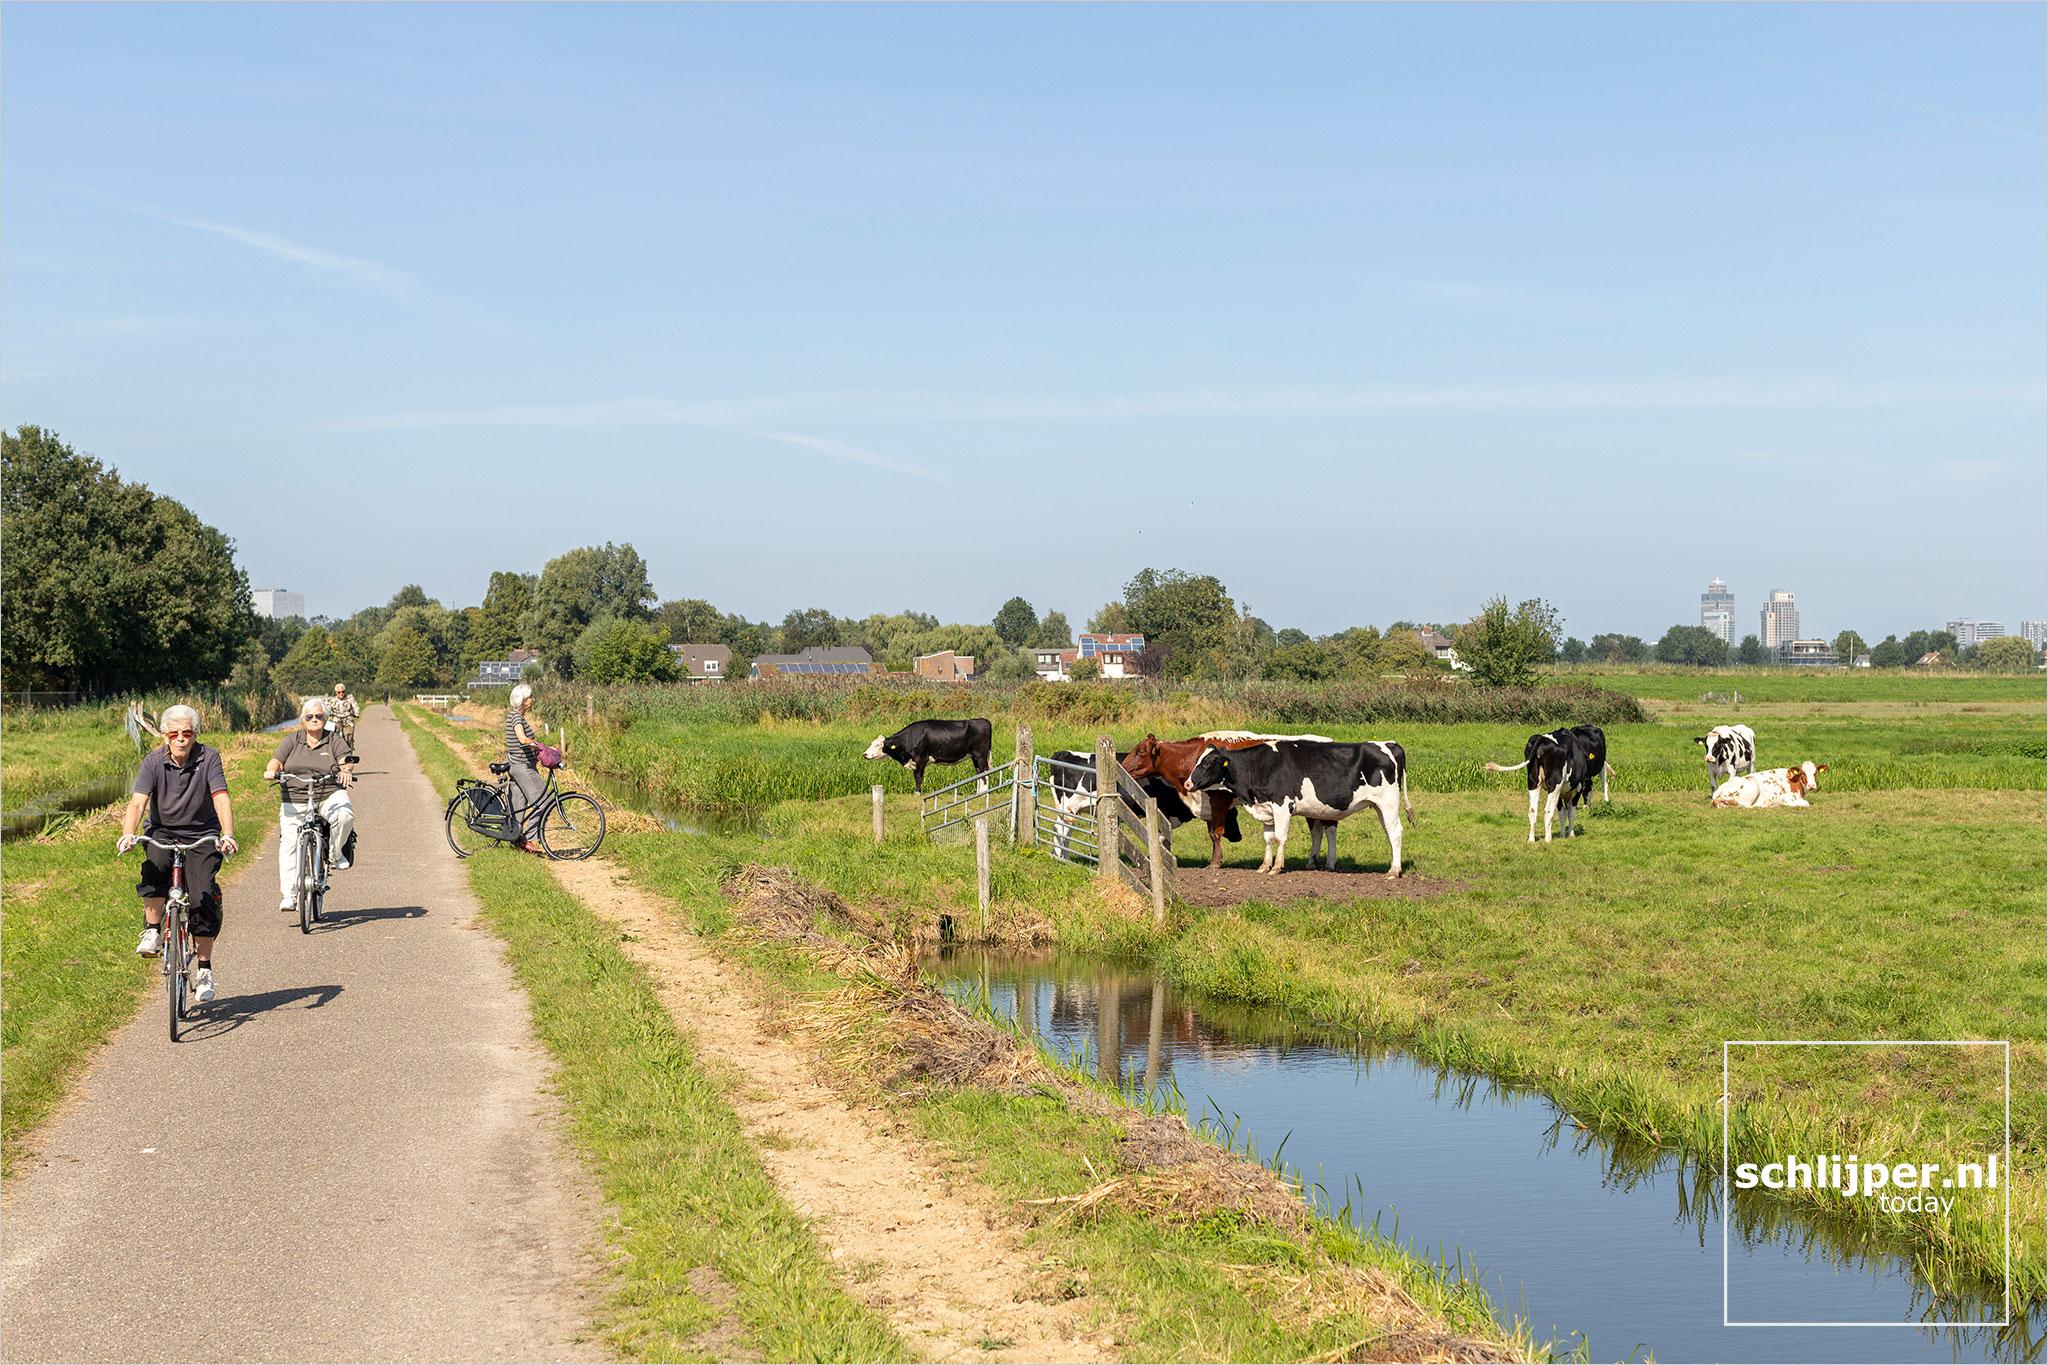 The Netherlands, Amstelveen, 5 september 2021